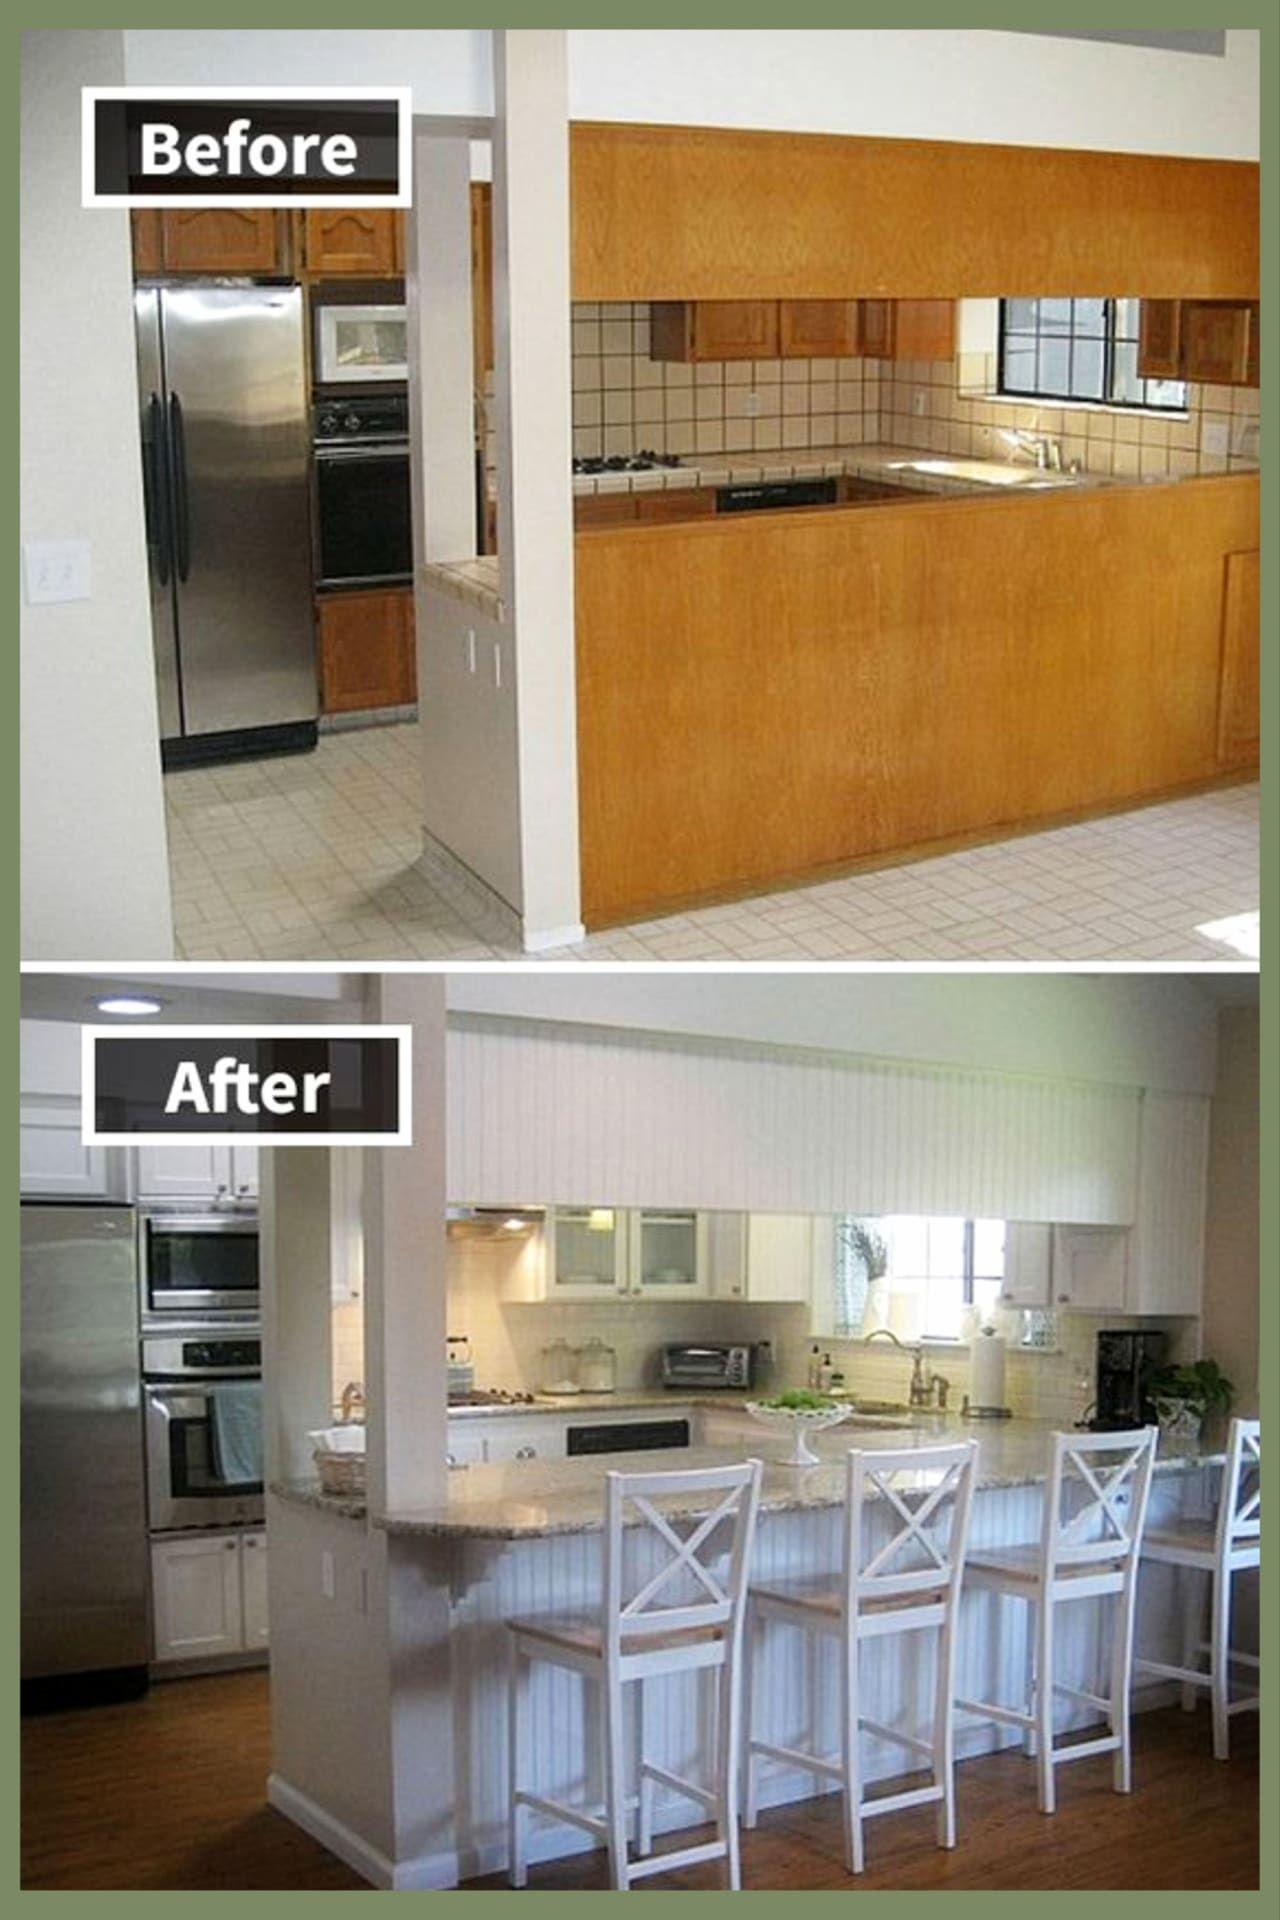 Kleine Küchenideen mit kleinem Budget - Vor und nach dem Umbau von Bildern kleiner Küchen - Clevere DIY-Ideen#bildern #budget #clevere #dem #diyideen #kleine #kleinem #kleiner #küchen #küchenideen #mit #nach #umbau #und #von #vor